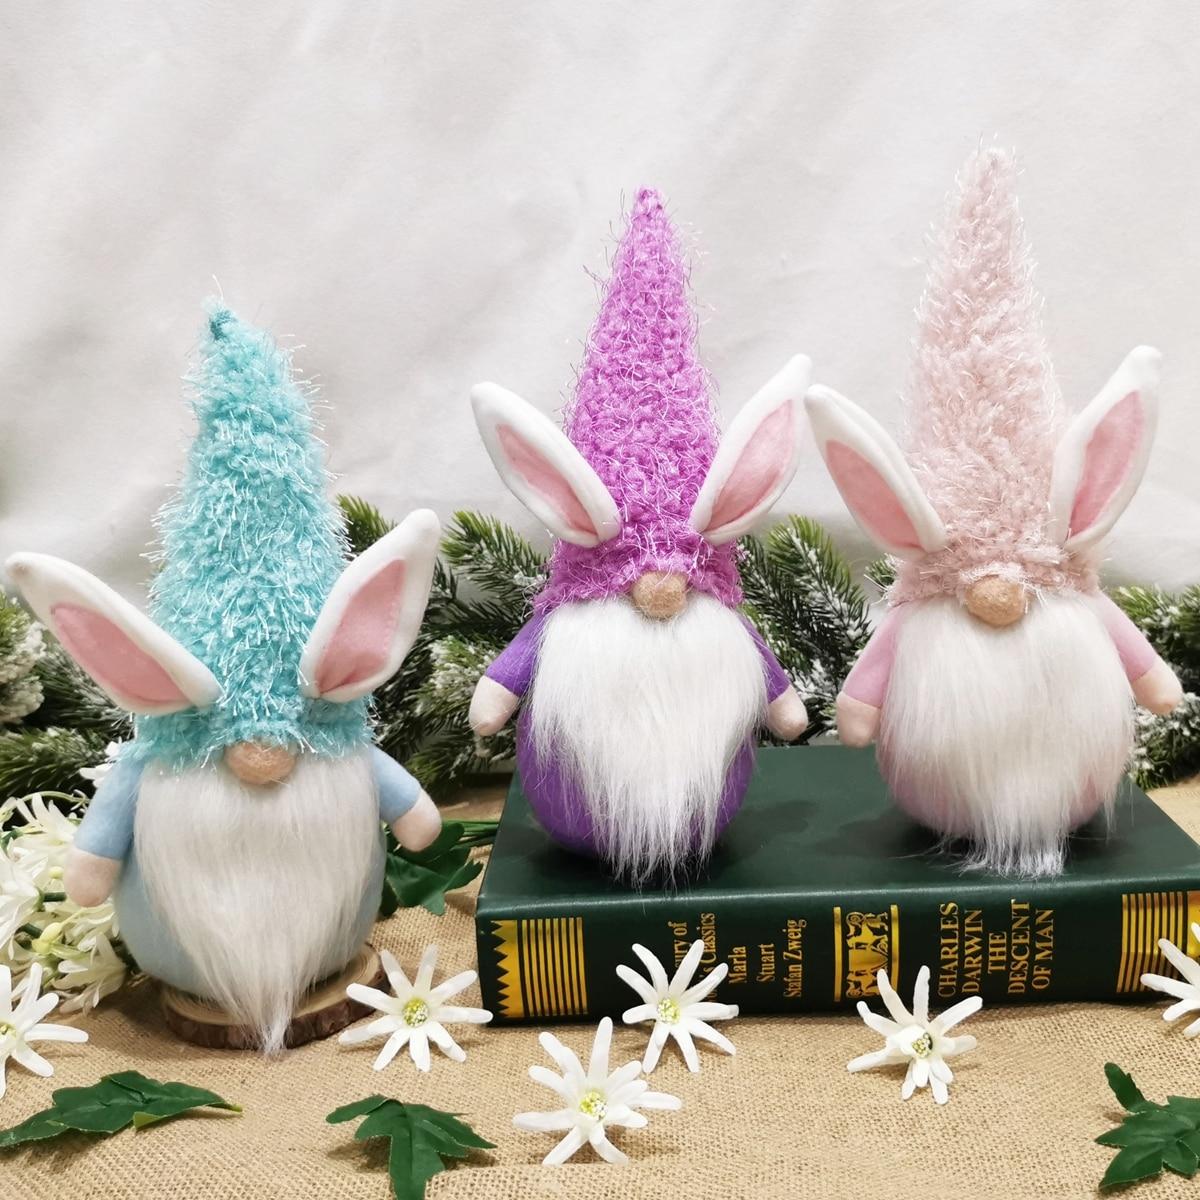 PATIMATE lalka bez twarzy króliczek wesołych świąt wielkanocnych dekoracja dla domu DIY wielkanocne artykuły na ślub na przyjęcie wesołych świąt wielkanocnych jajko królik Ornament